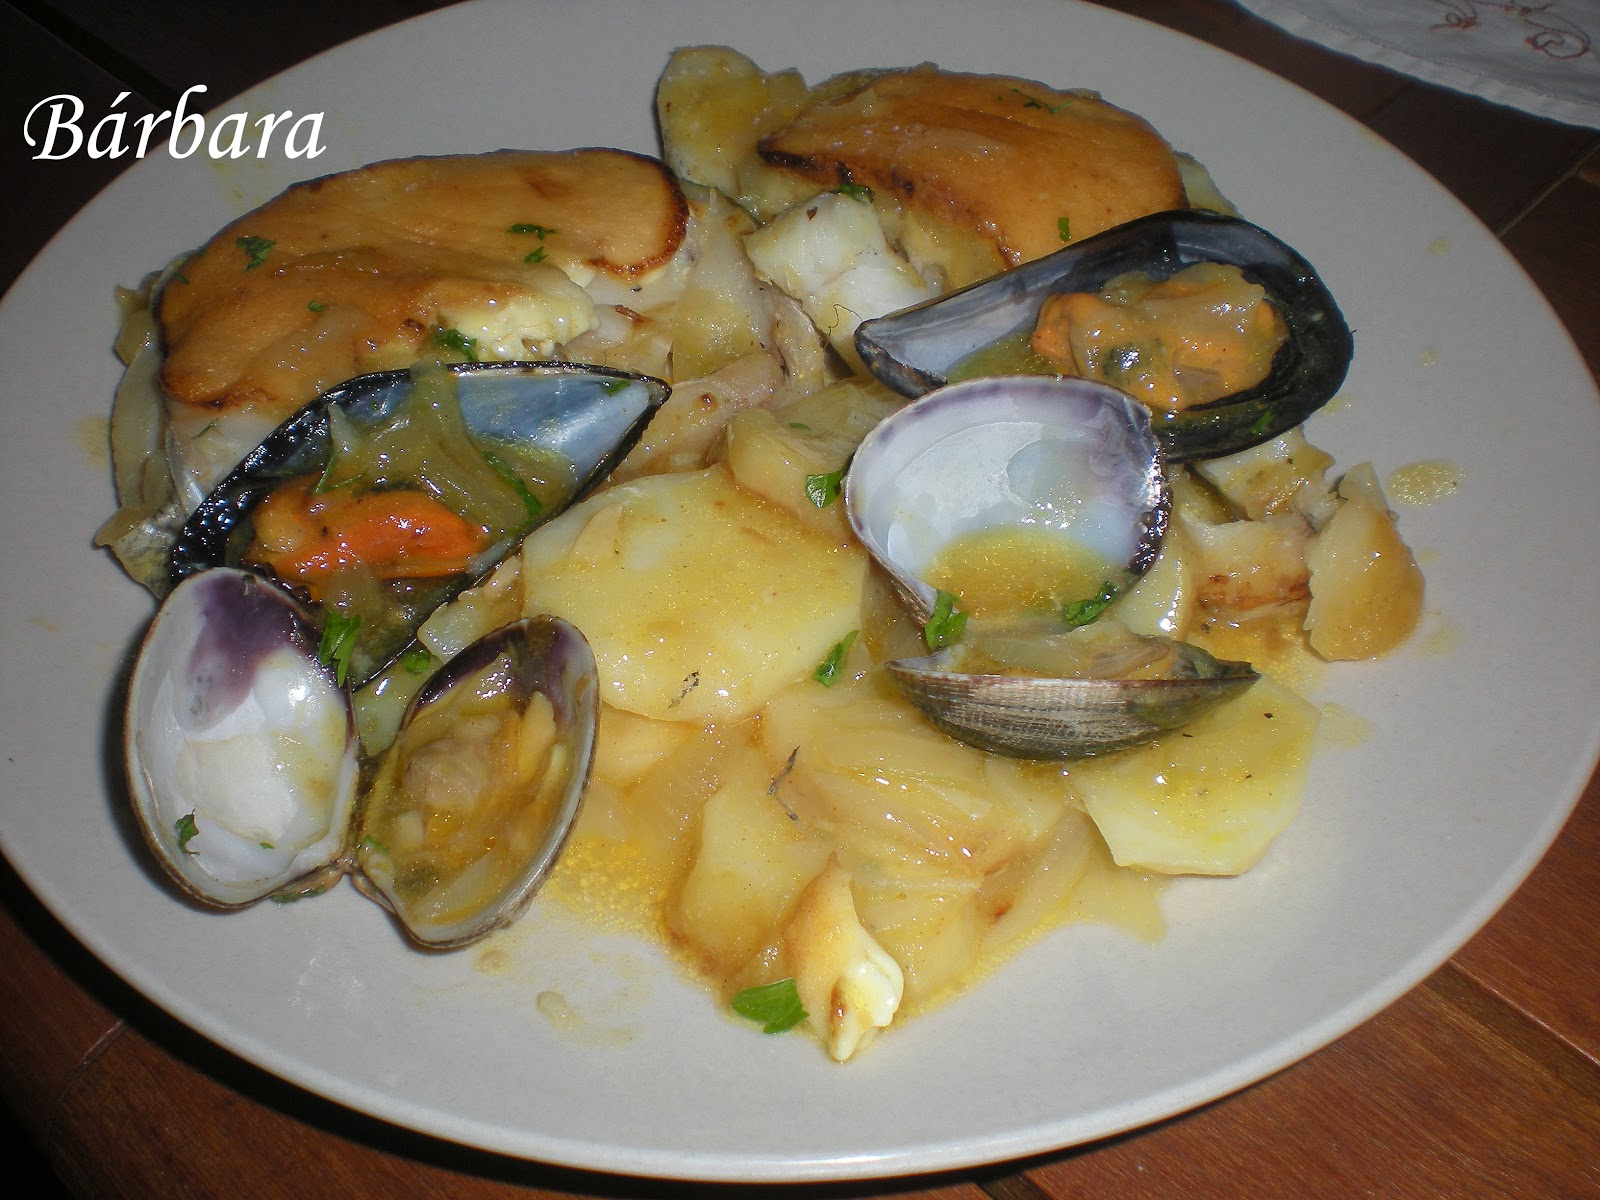 Las recetas de barbara merluza al horno con salsa de alioli - Merluza rellena de marisco al horno ...